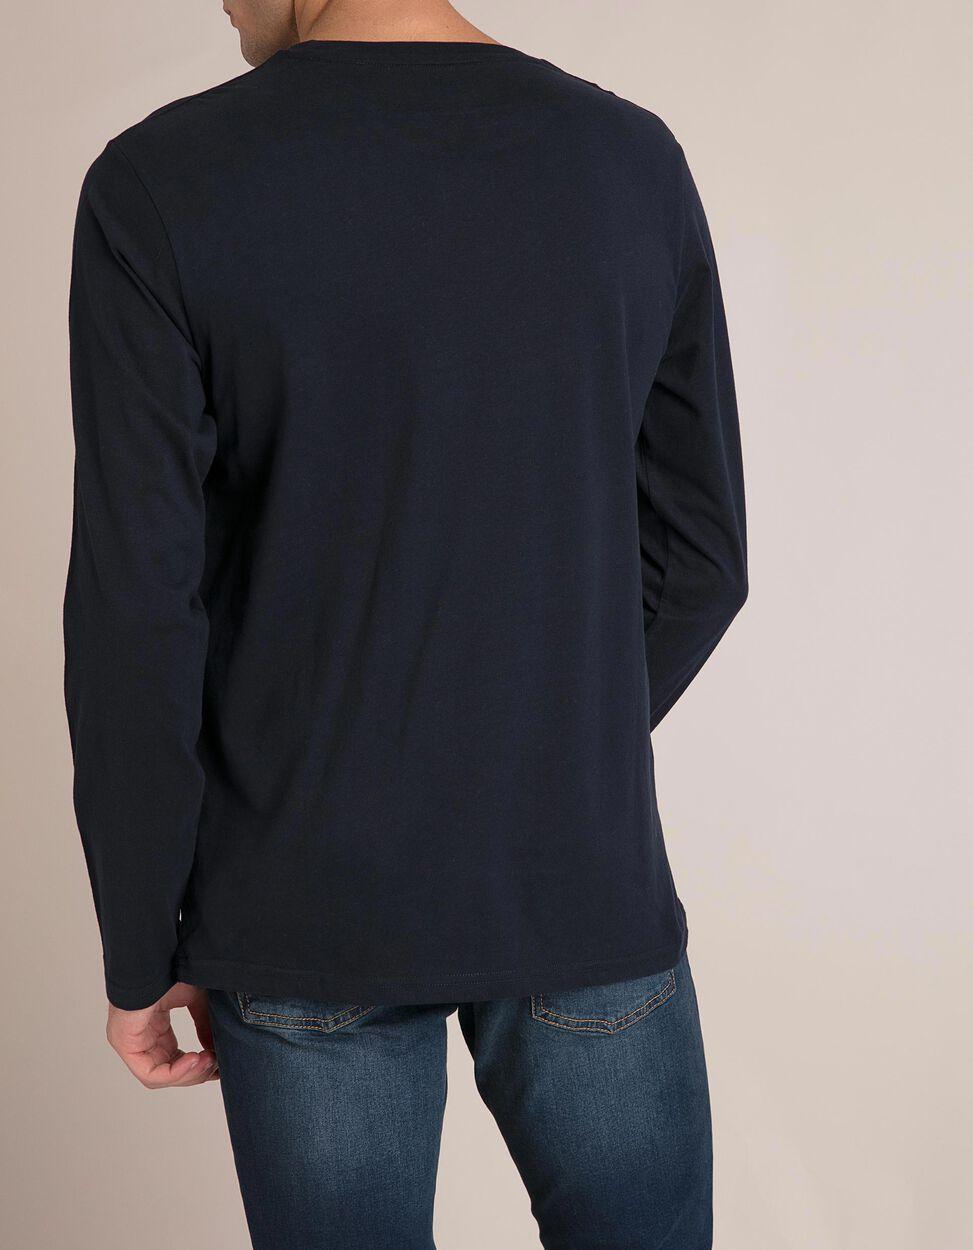 T-Shirt Mangas Compridas Algodão